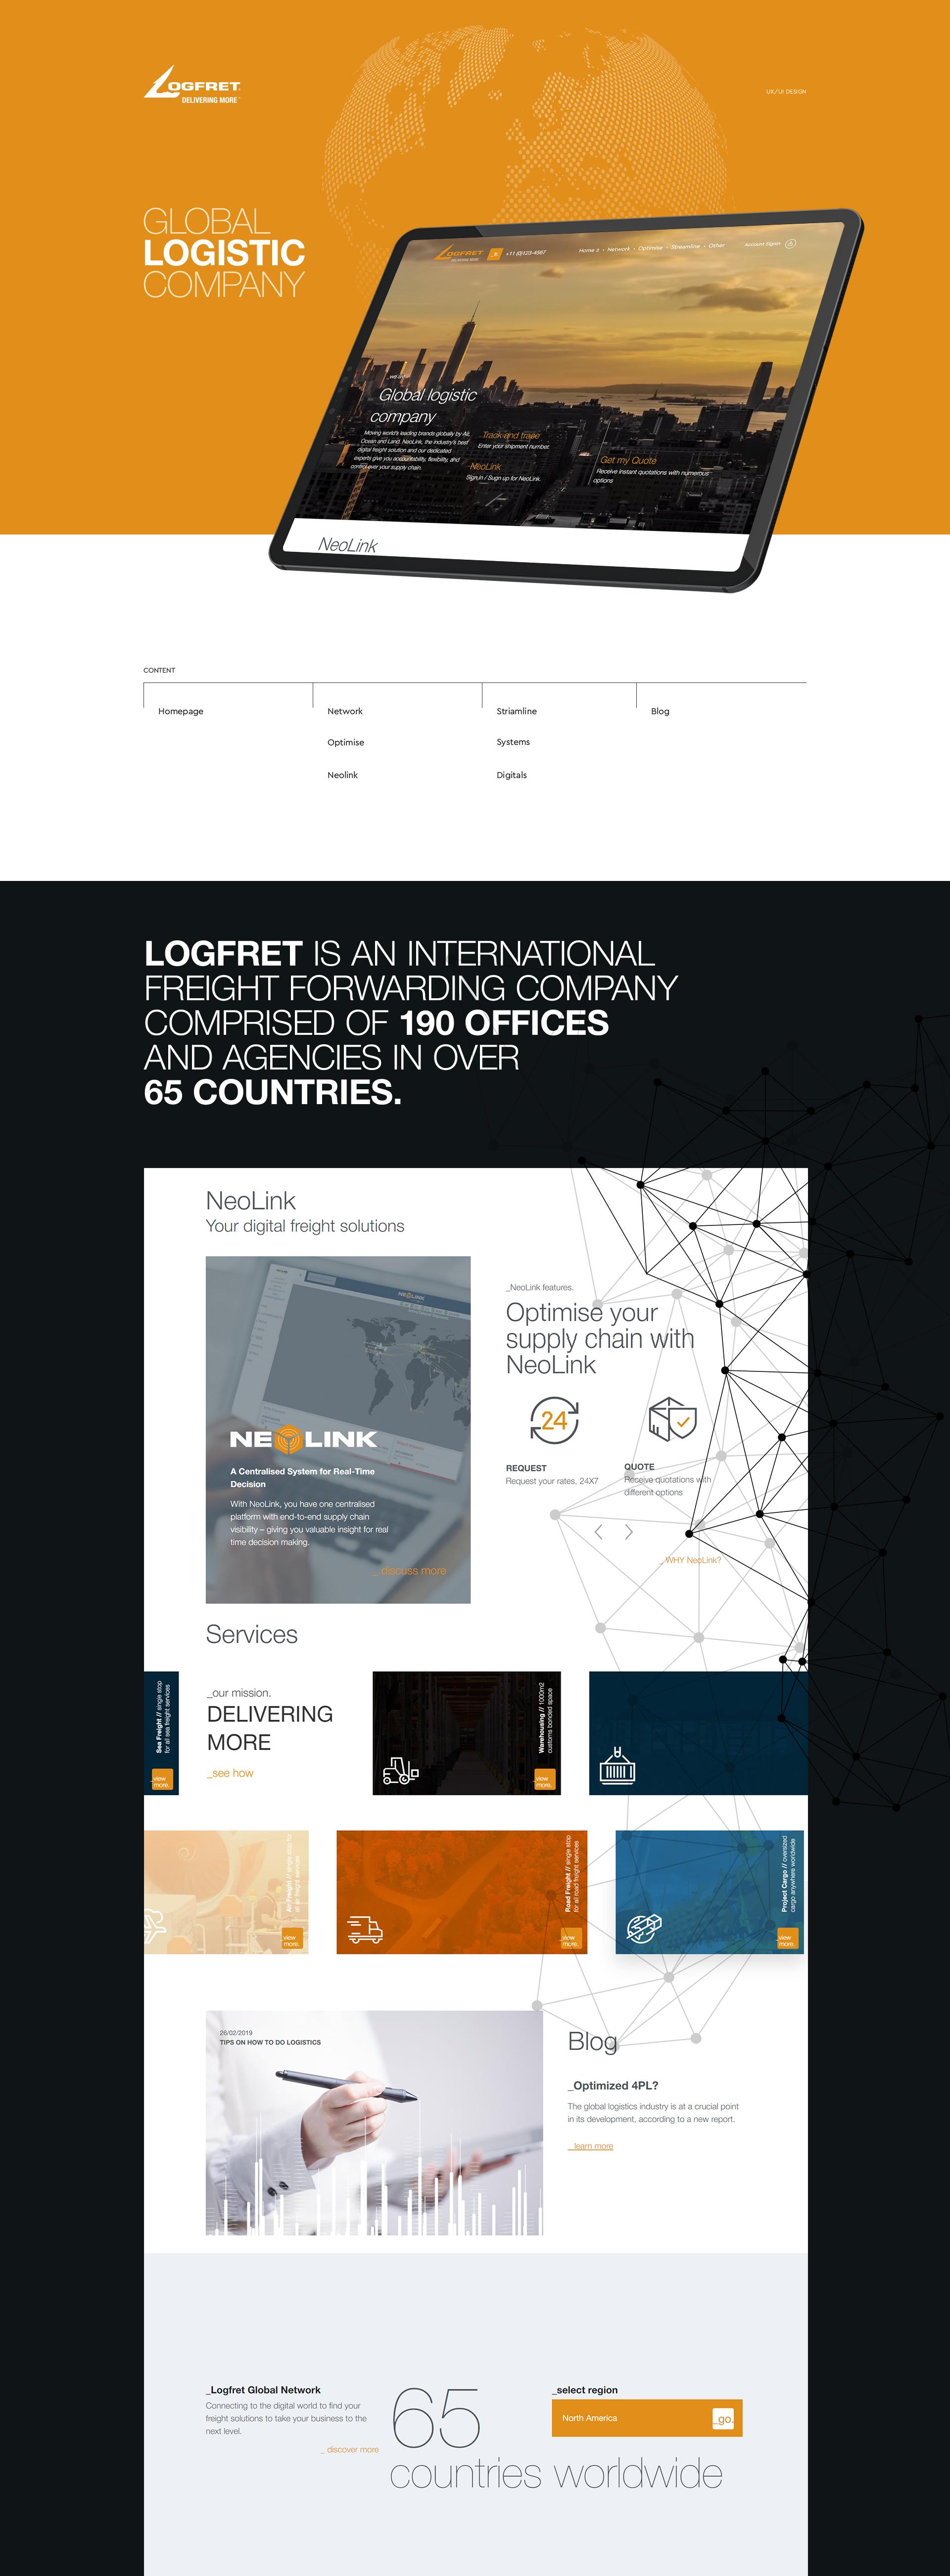 Logfret логистическая компания